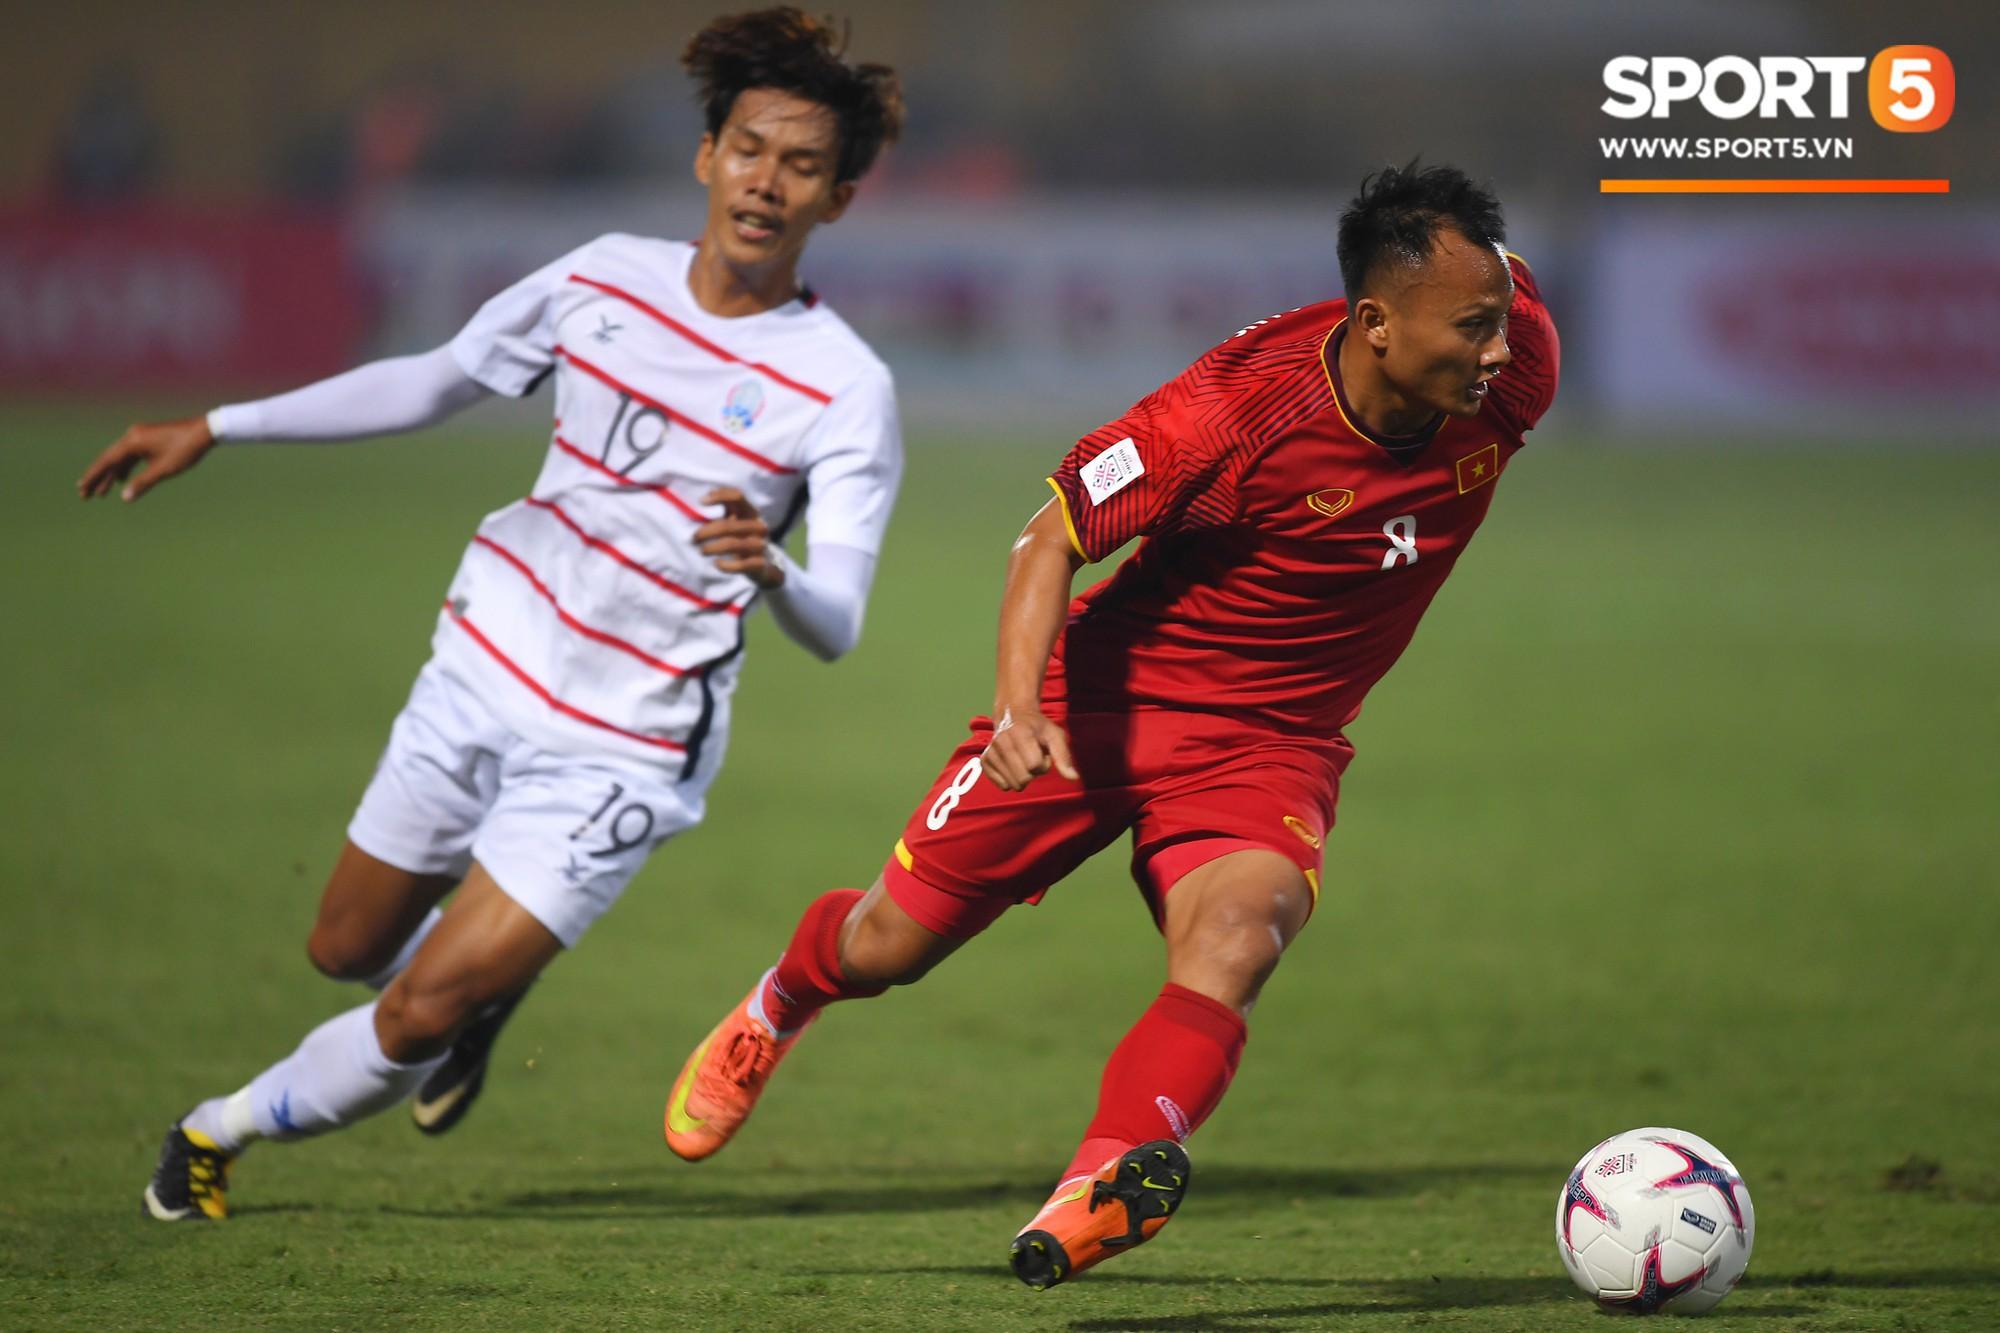 Nếu không đá bóng, các tuyển thủ Việt Nam sẽ đi theo con đường nào?-6